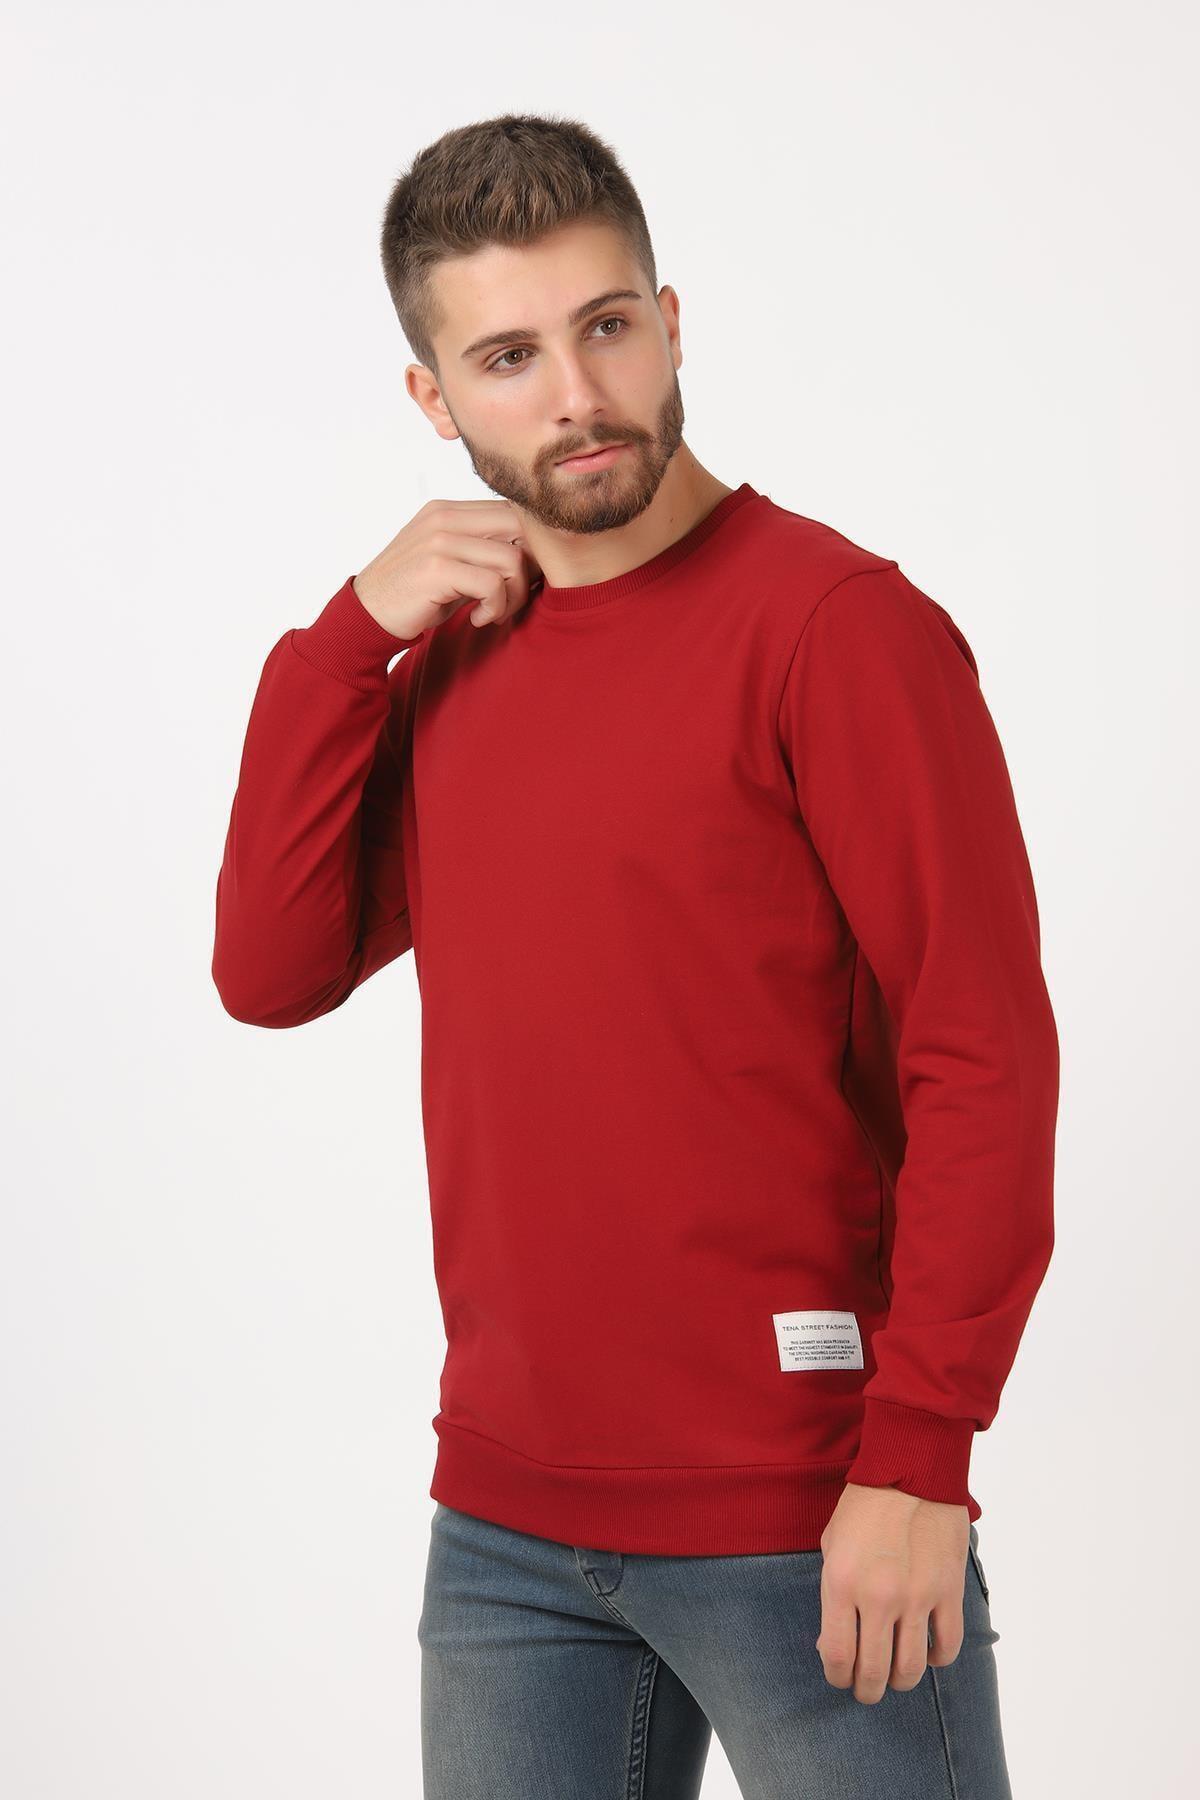 TENA MODA Erkek 9-açık Bordo Basic Sweatshirt 1